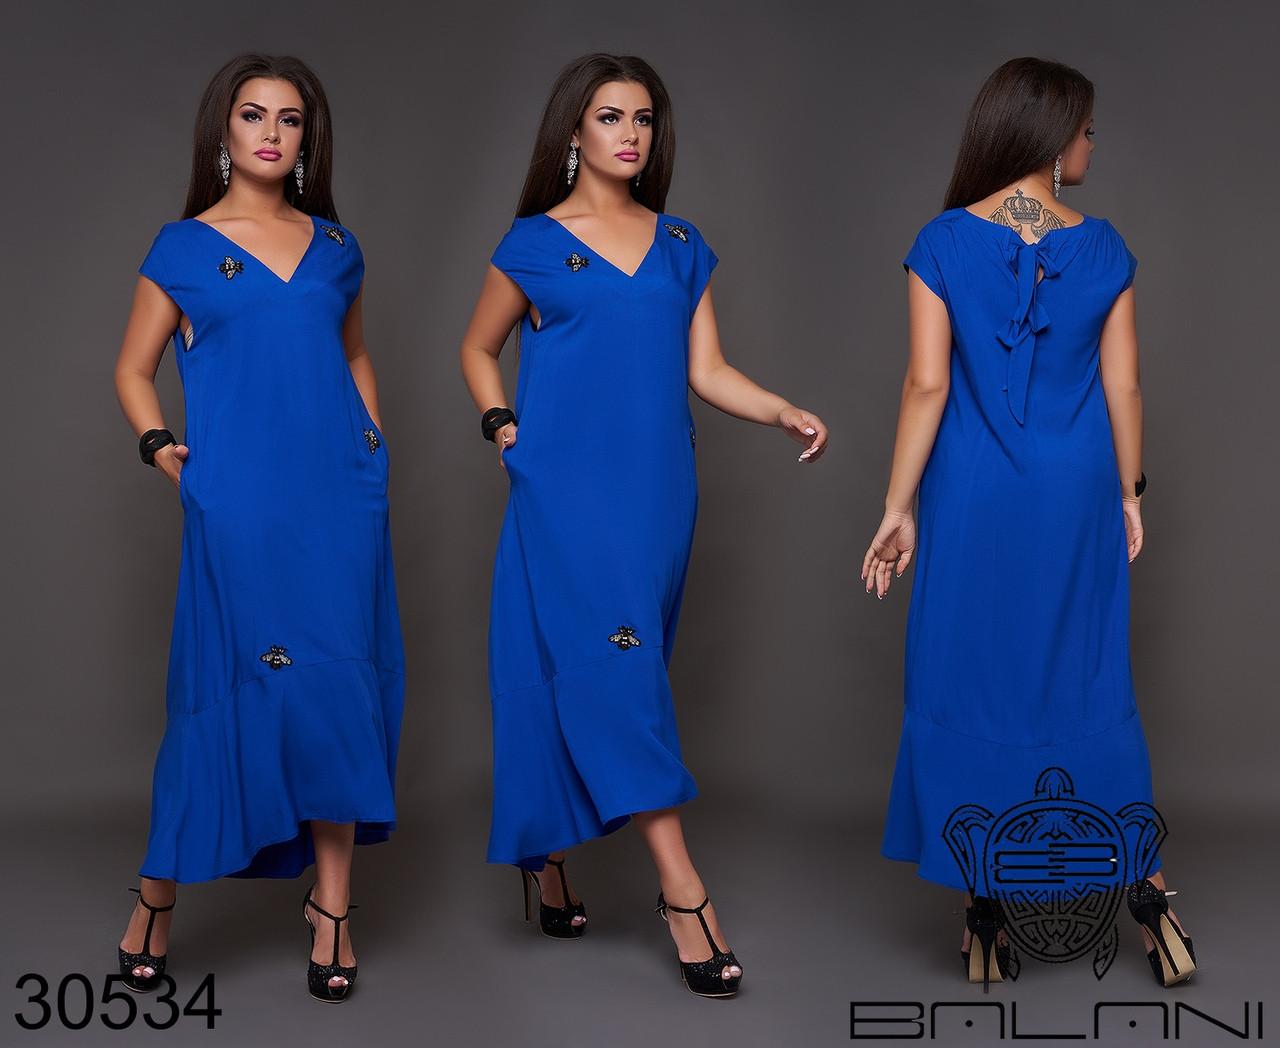 Красивое платье летнее макси цвет электрик коттон в большом размере Размеры: 48,50,52,54,56,58,60,62